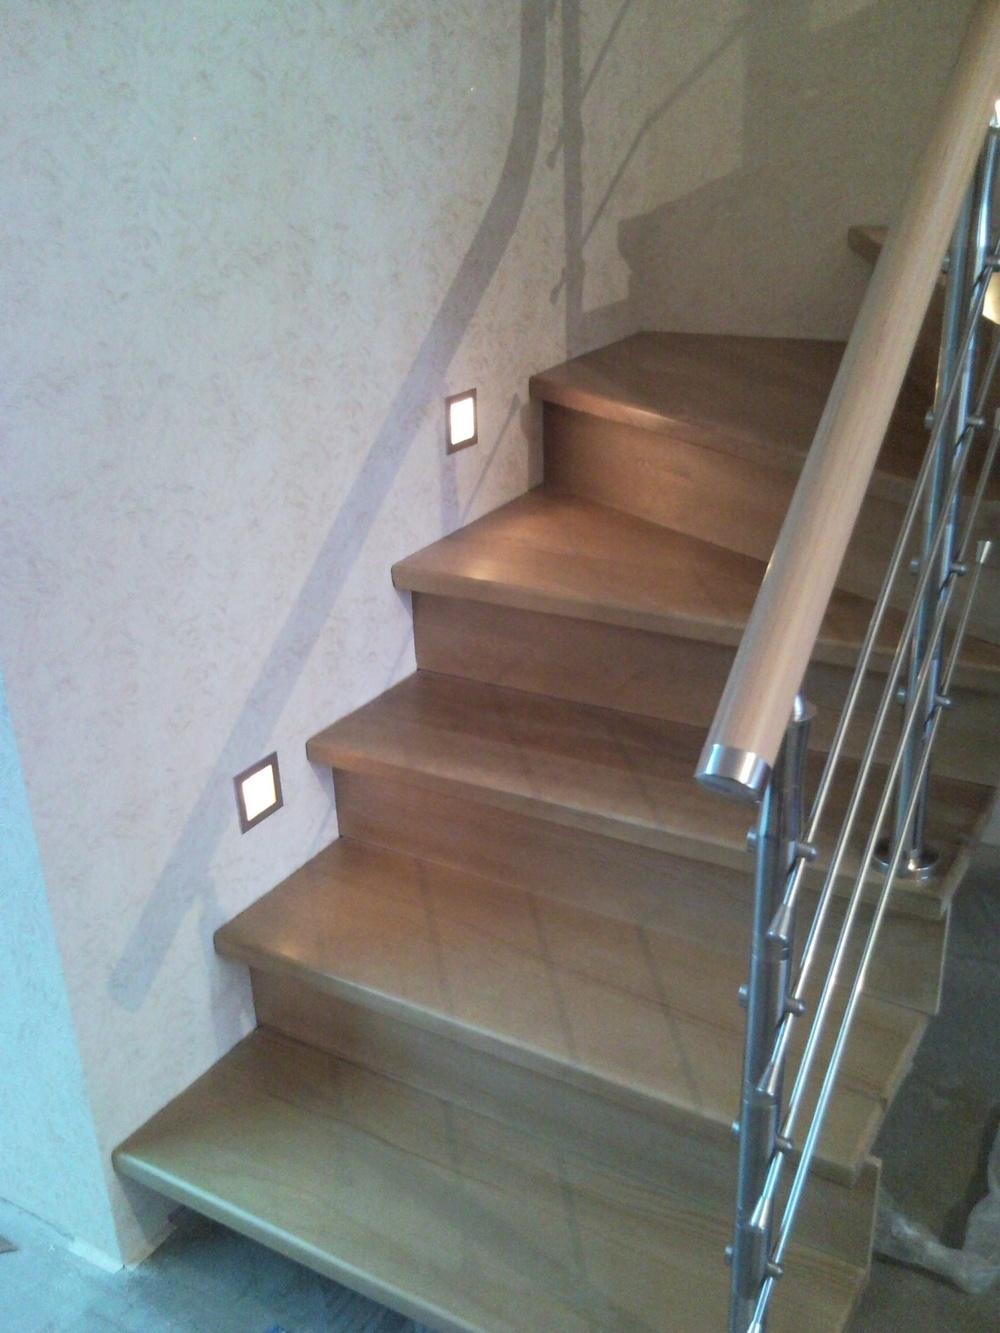 Лестницы в Курске, лестница на второй этаж частного дома недорогая для самостоятельной сборки красивая современная воздушная